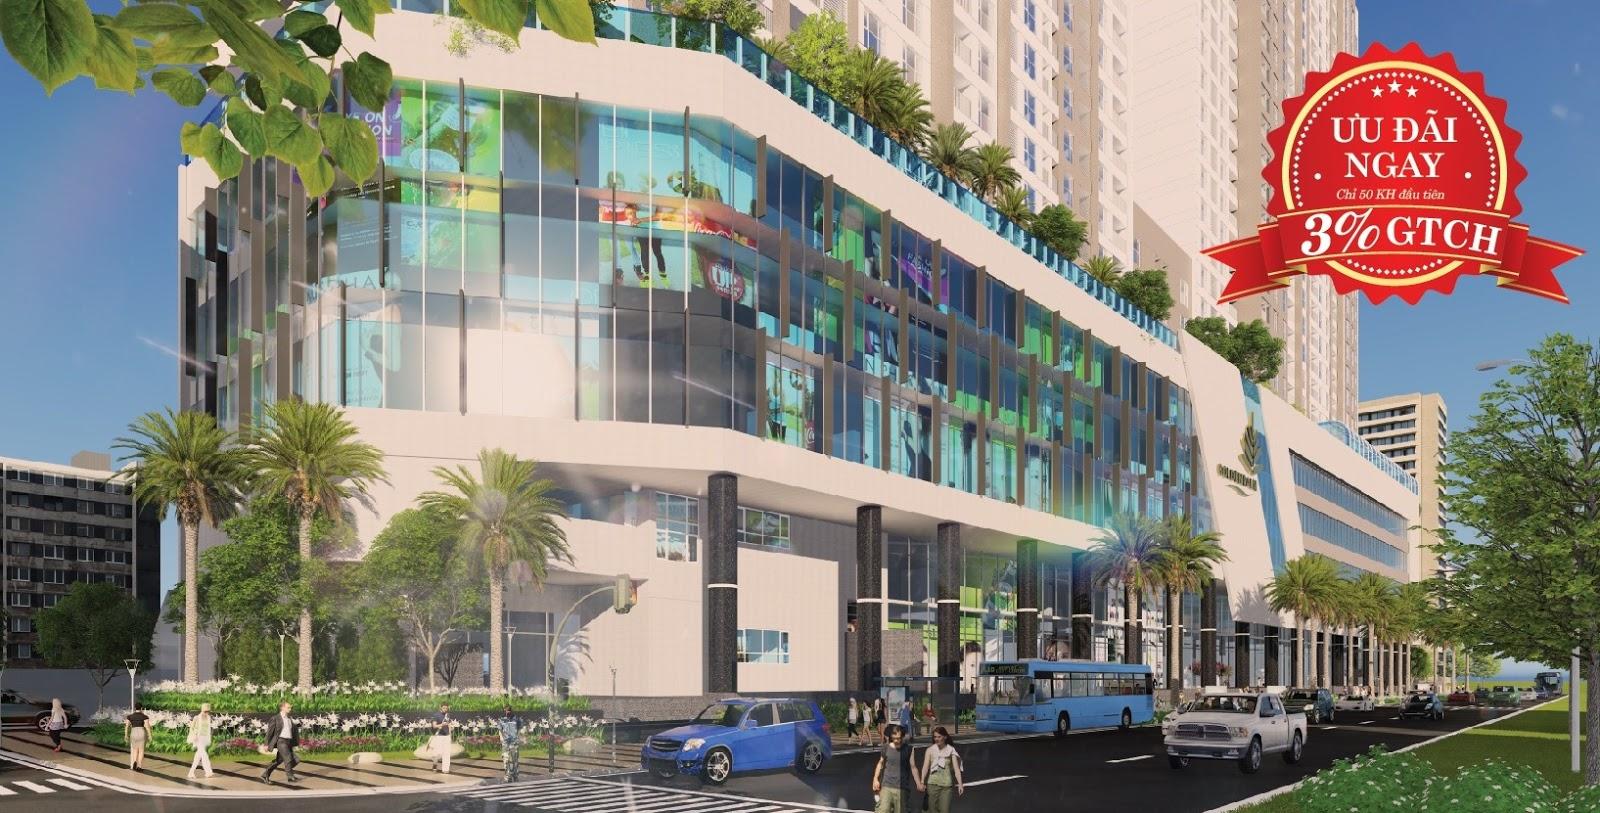 Dự án The Golden Palm sẽ được ra mắt vào ngày 21/8/2016